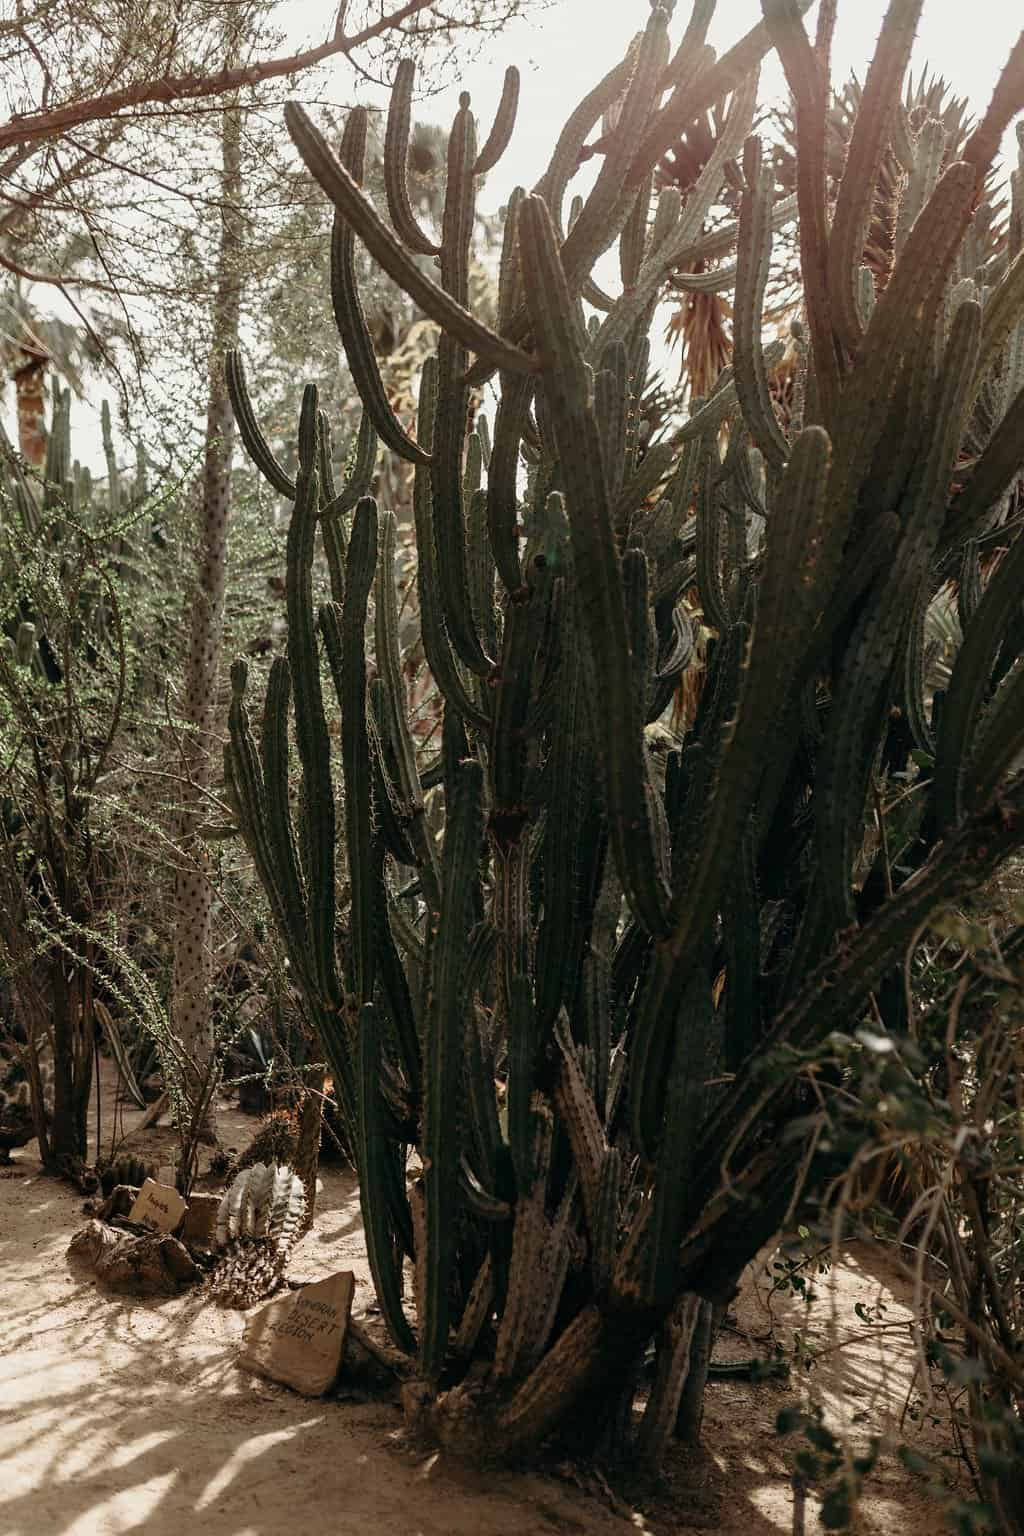 Cactus at Moorten Botanical gardens